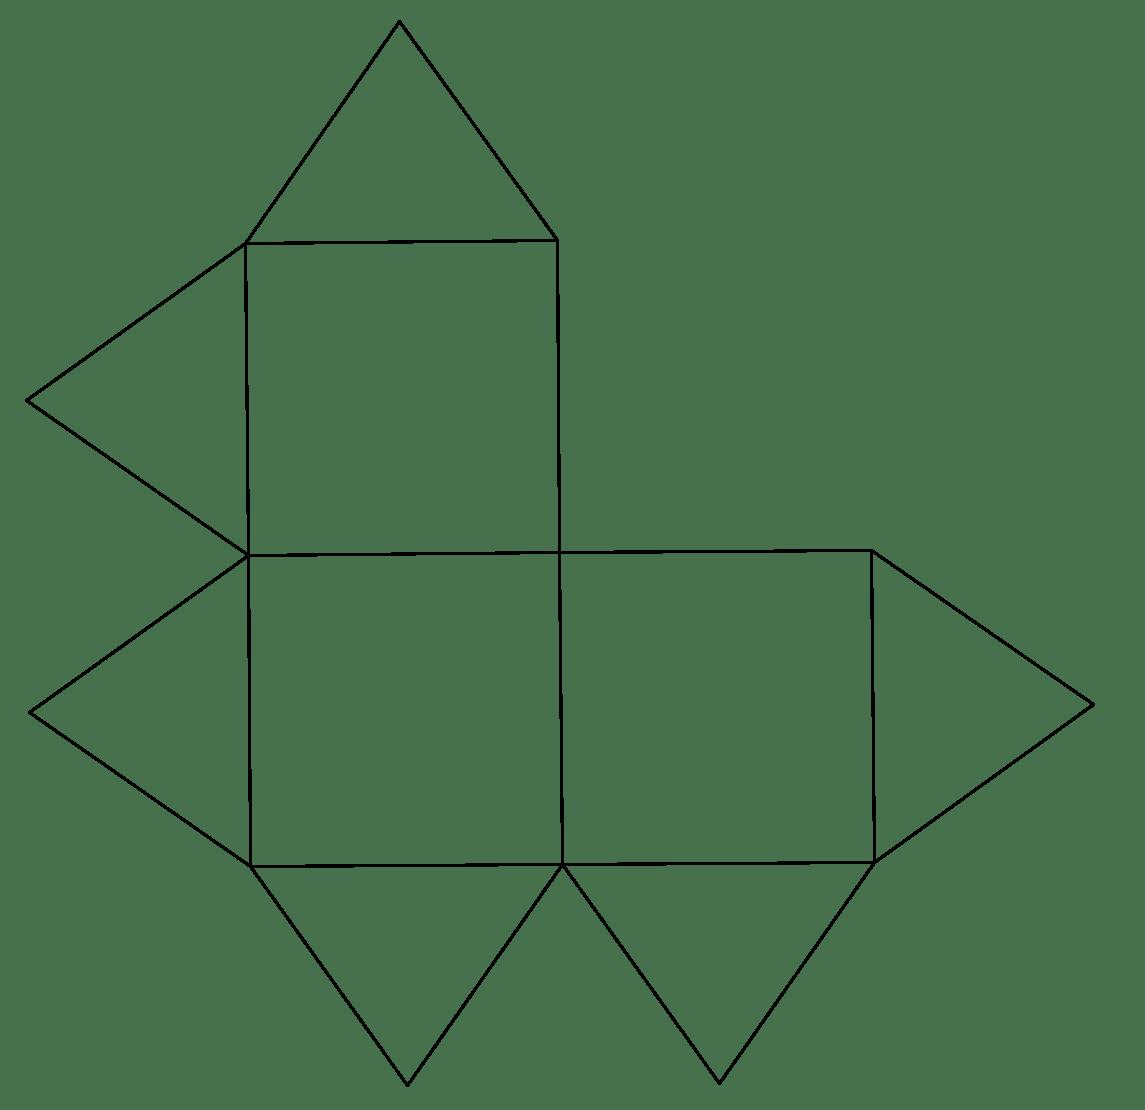 Nets Math Munch